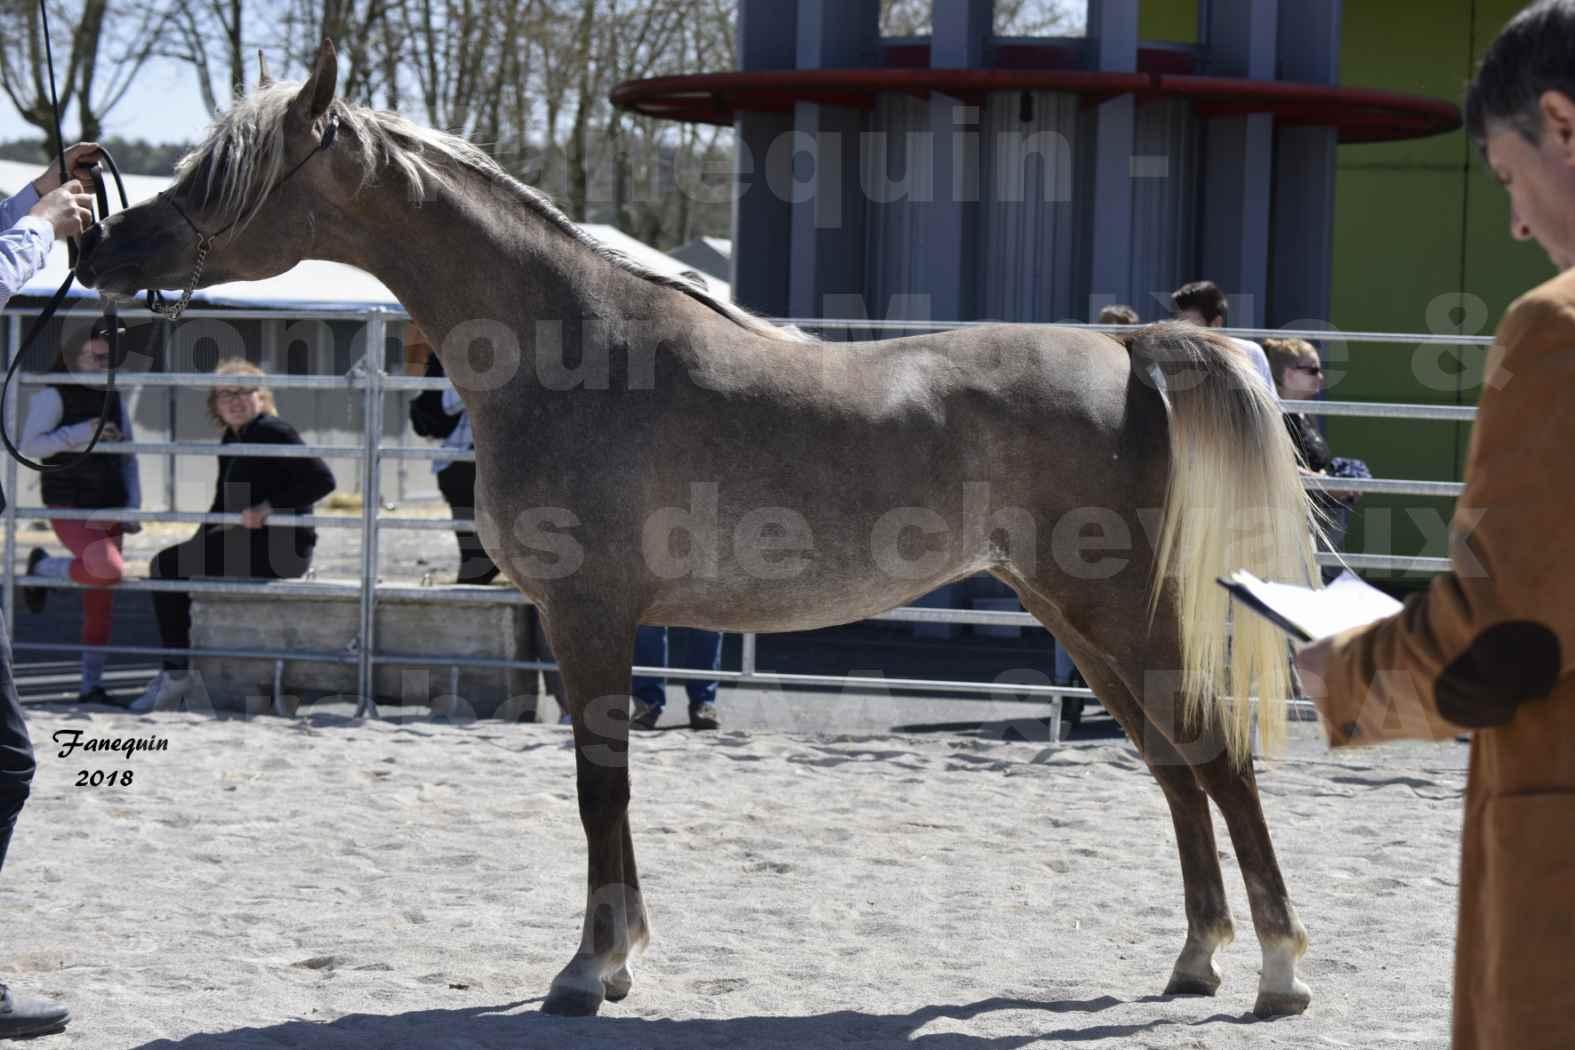 Concours d'élevage de Chevaux Arabes - Demi Sang Arabes - Anglo Arabes - ALBI les 6 & 7 Avril 2018 - DAENERYS DE LAFON - Notre Sélection - 05